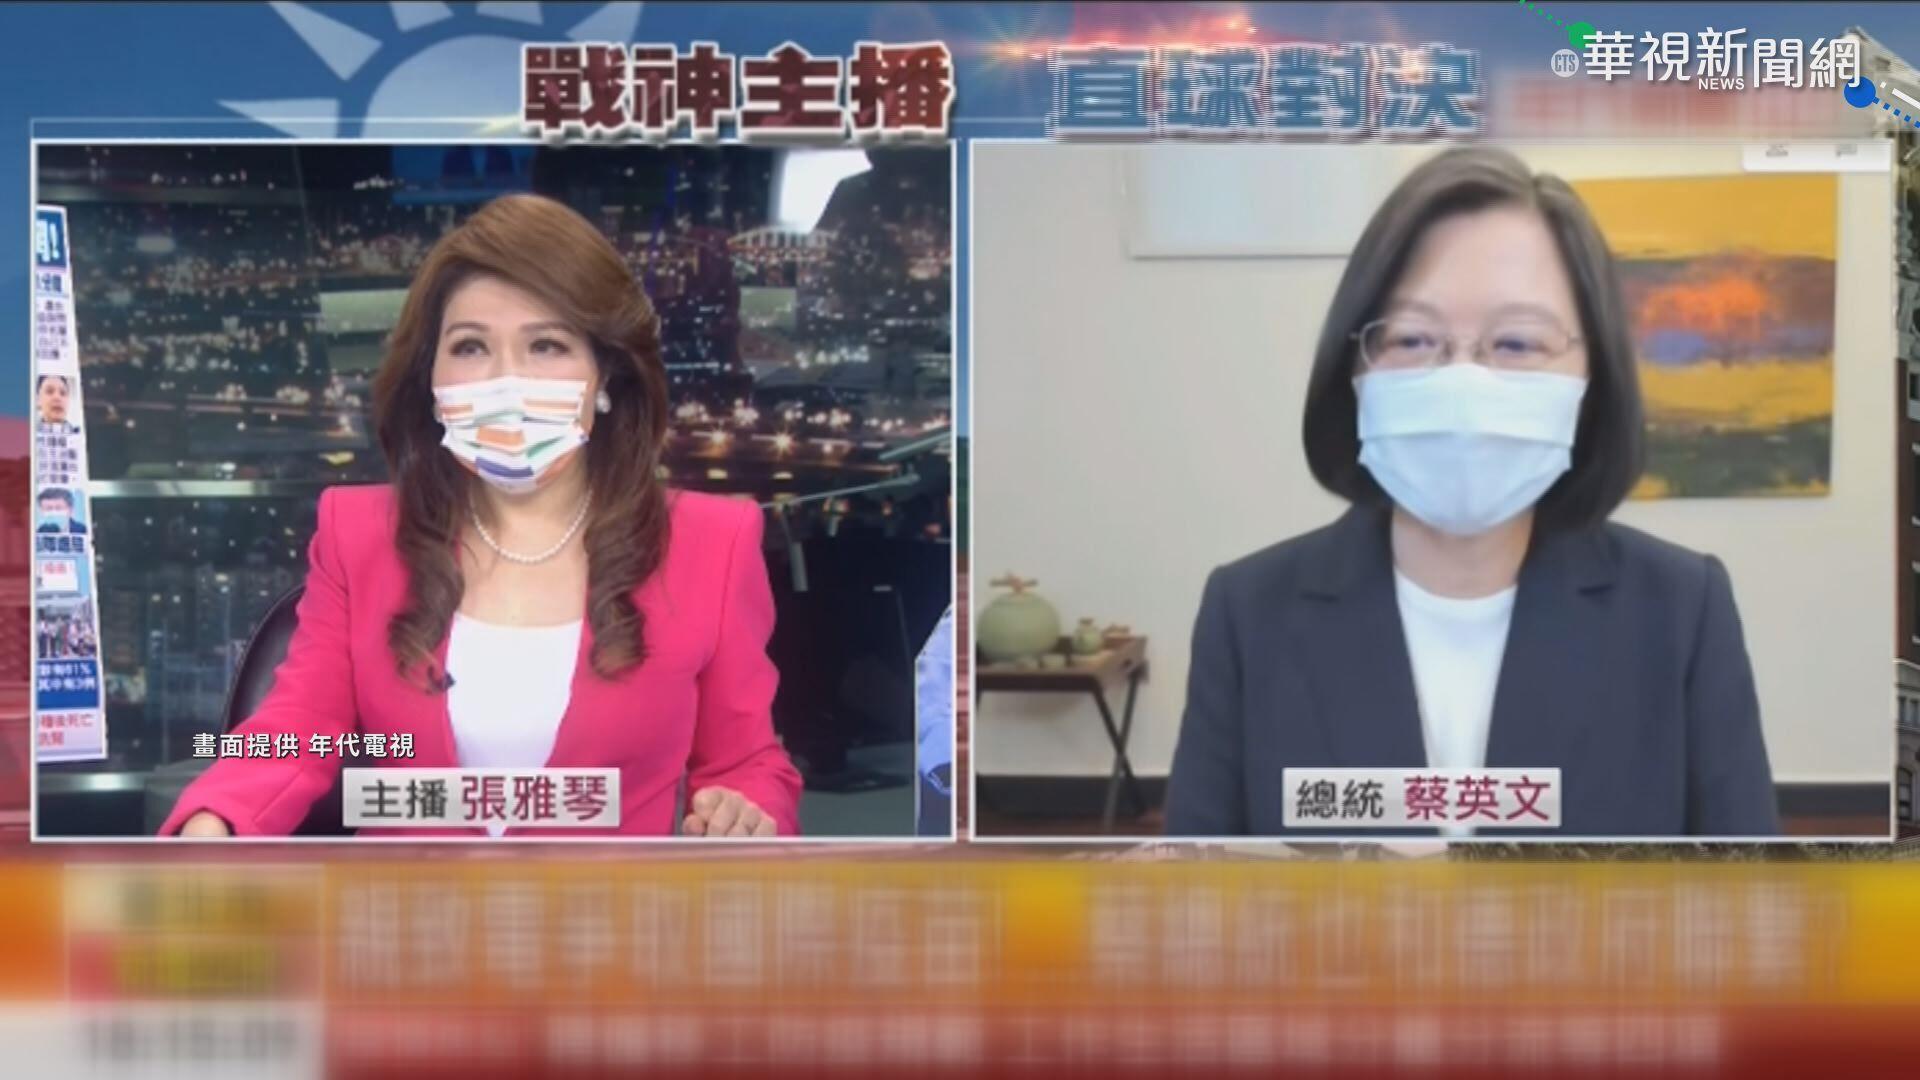 總統連線電視專訪 回應爭取疫苗內幕